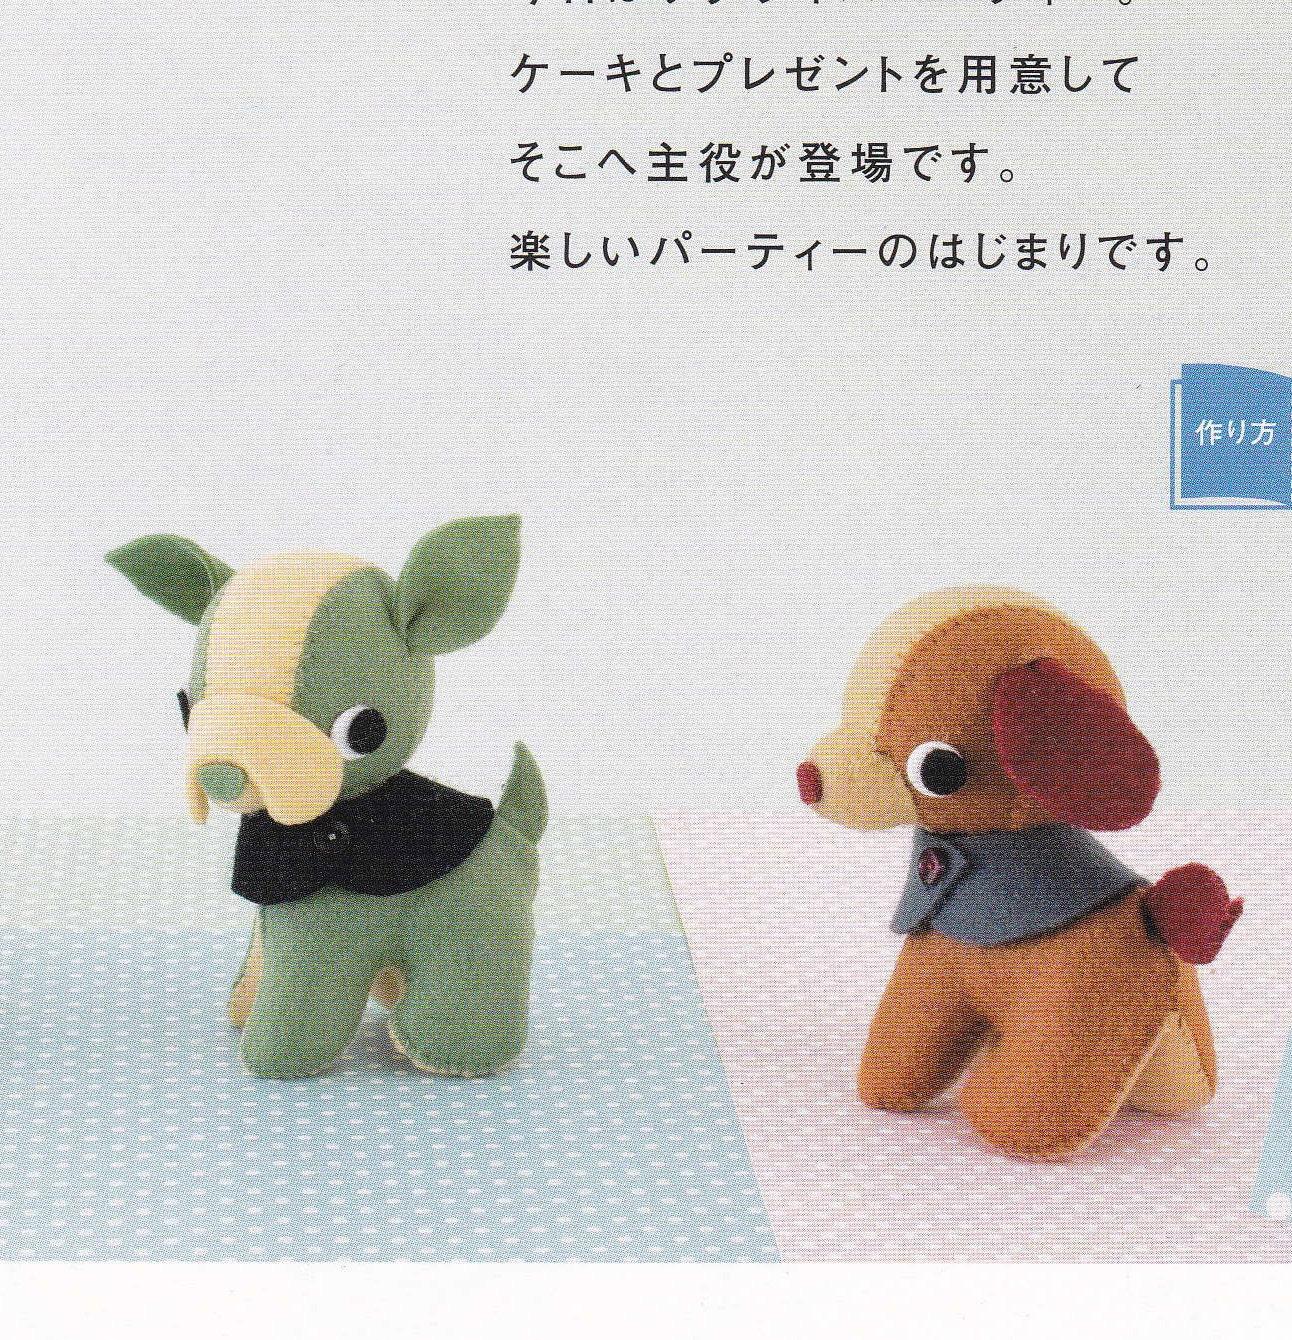 Cute Schnauzer and Beagle Dog Puppy Mascots Stuffed Plush Toy Doll ...